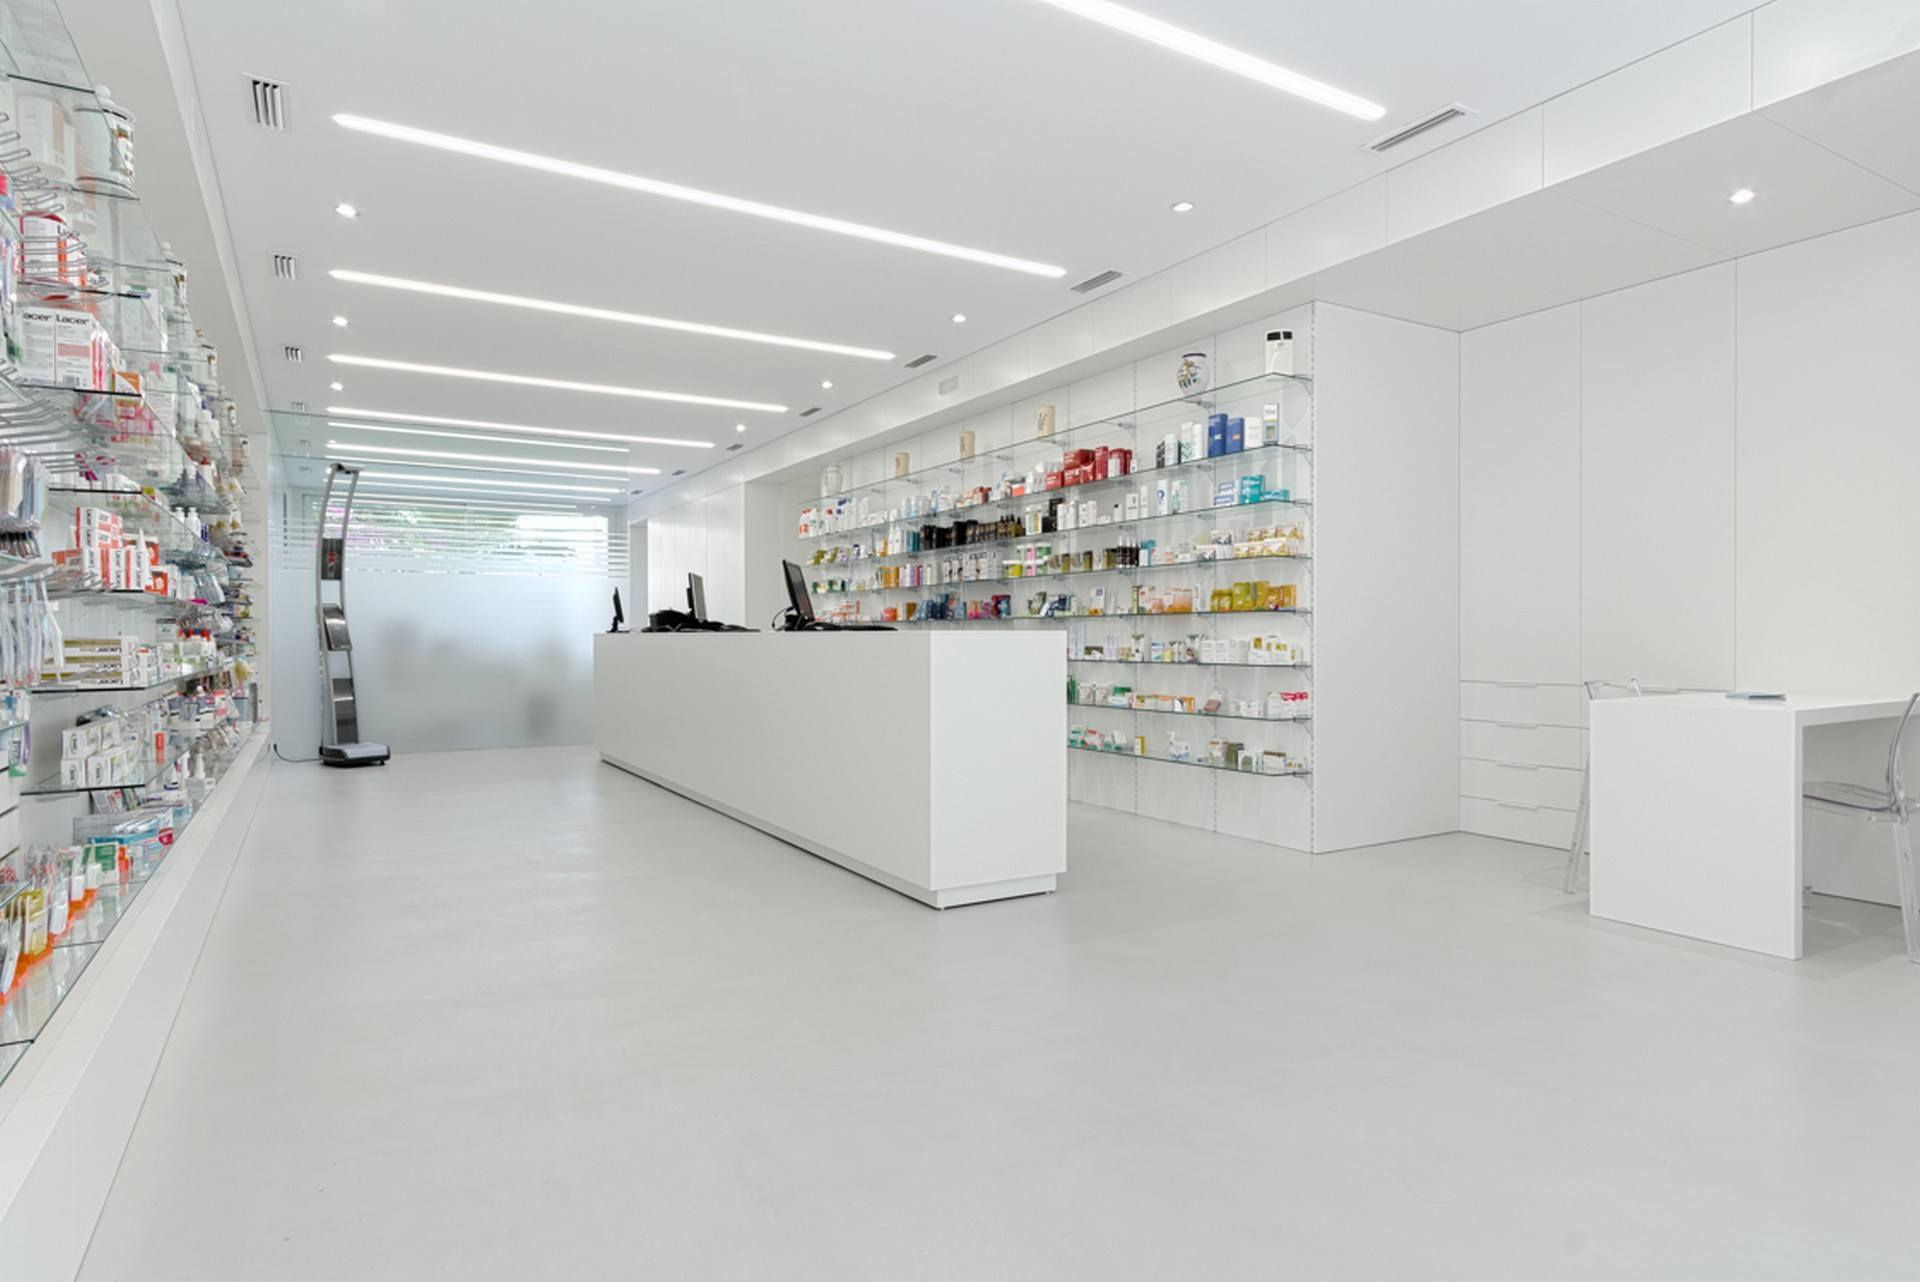 Microcemento de tecnocemento en farmacias